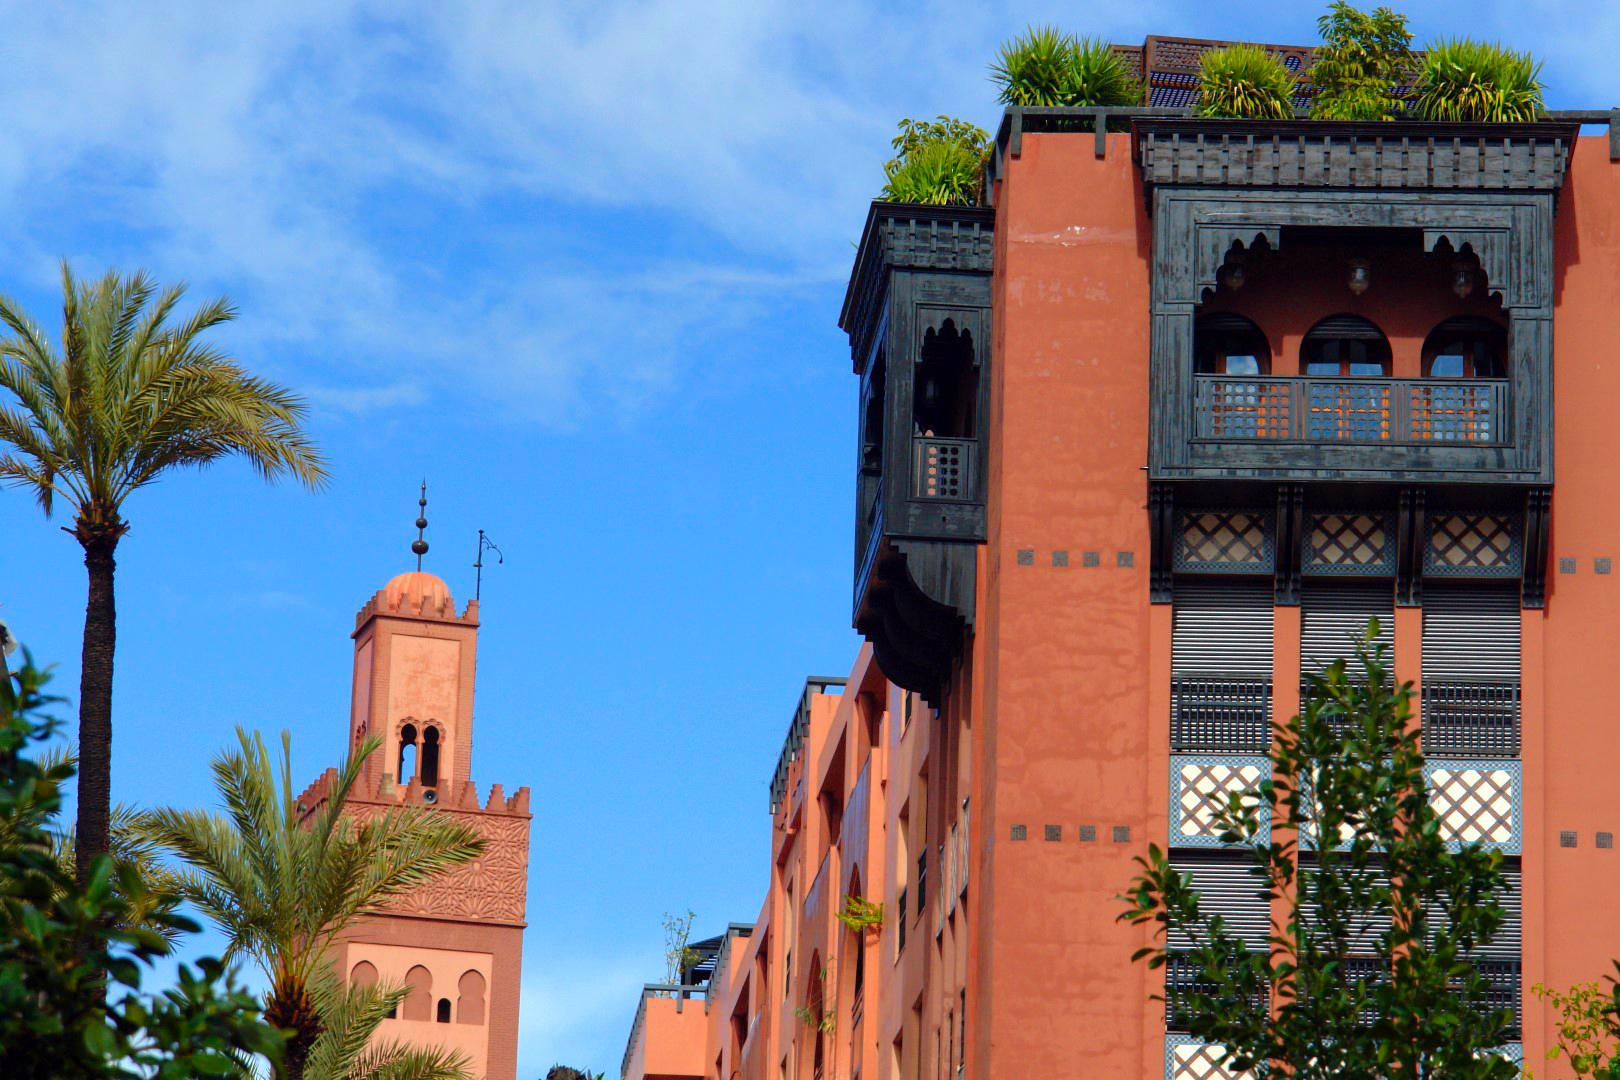 Qué ver en Marrakech, Marruecos - Morocco qué ver en marrakech - 30999588876 d50b05375f o - Qué ver en Marrakech, Marruecos